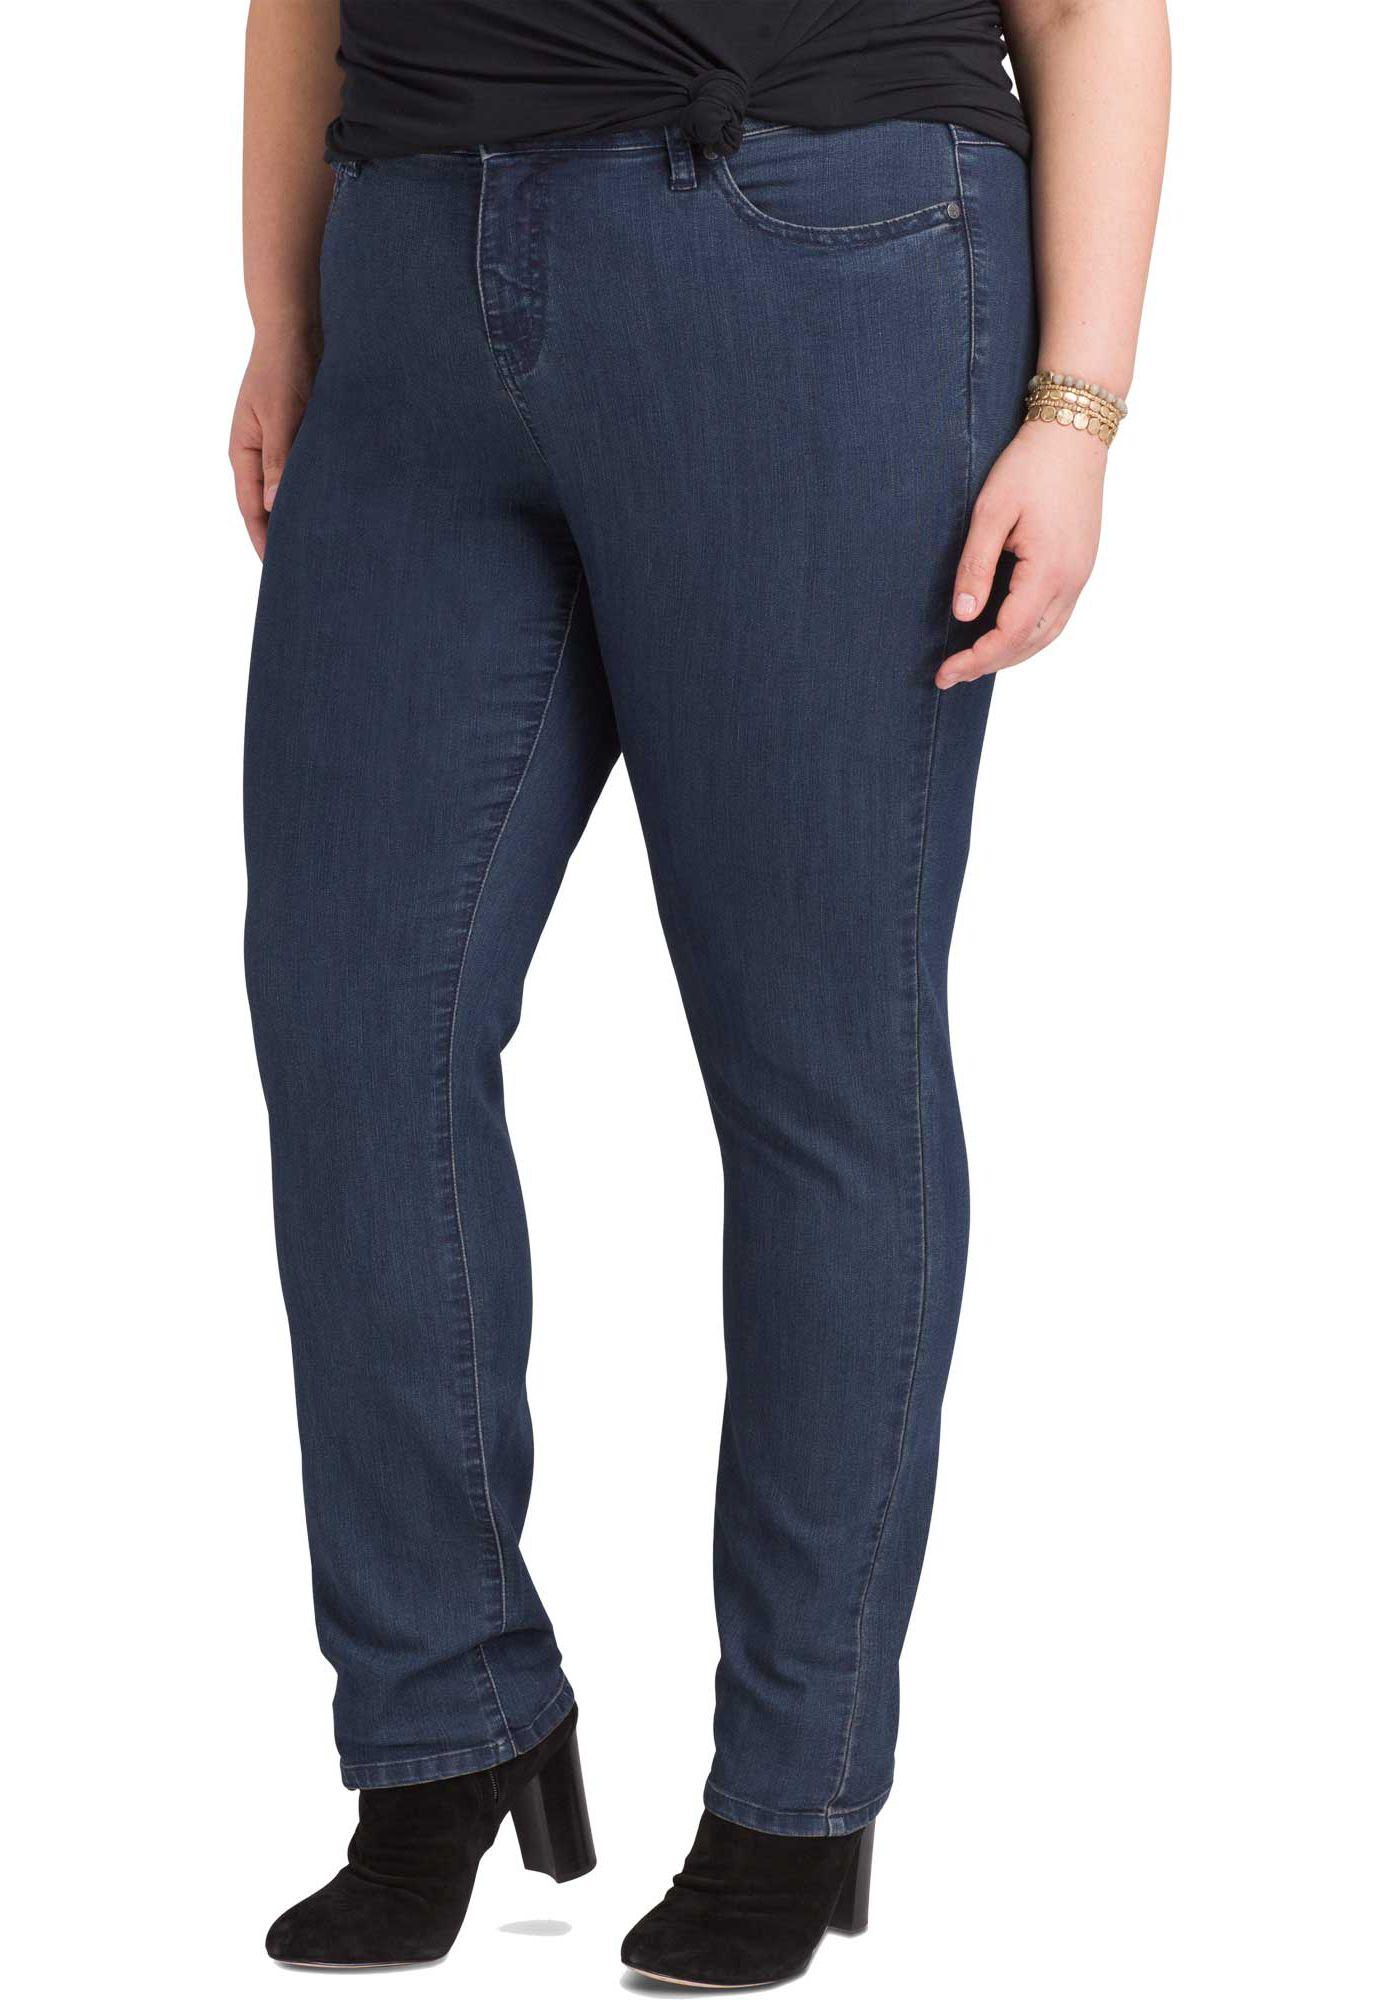 prAna Women's Plus Size Kayla Jean Pants